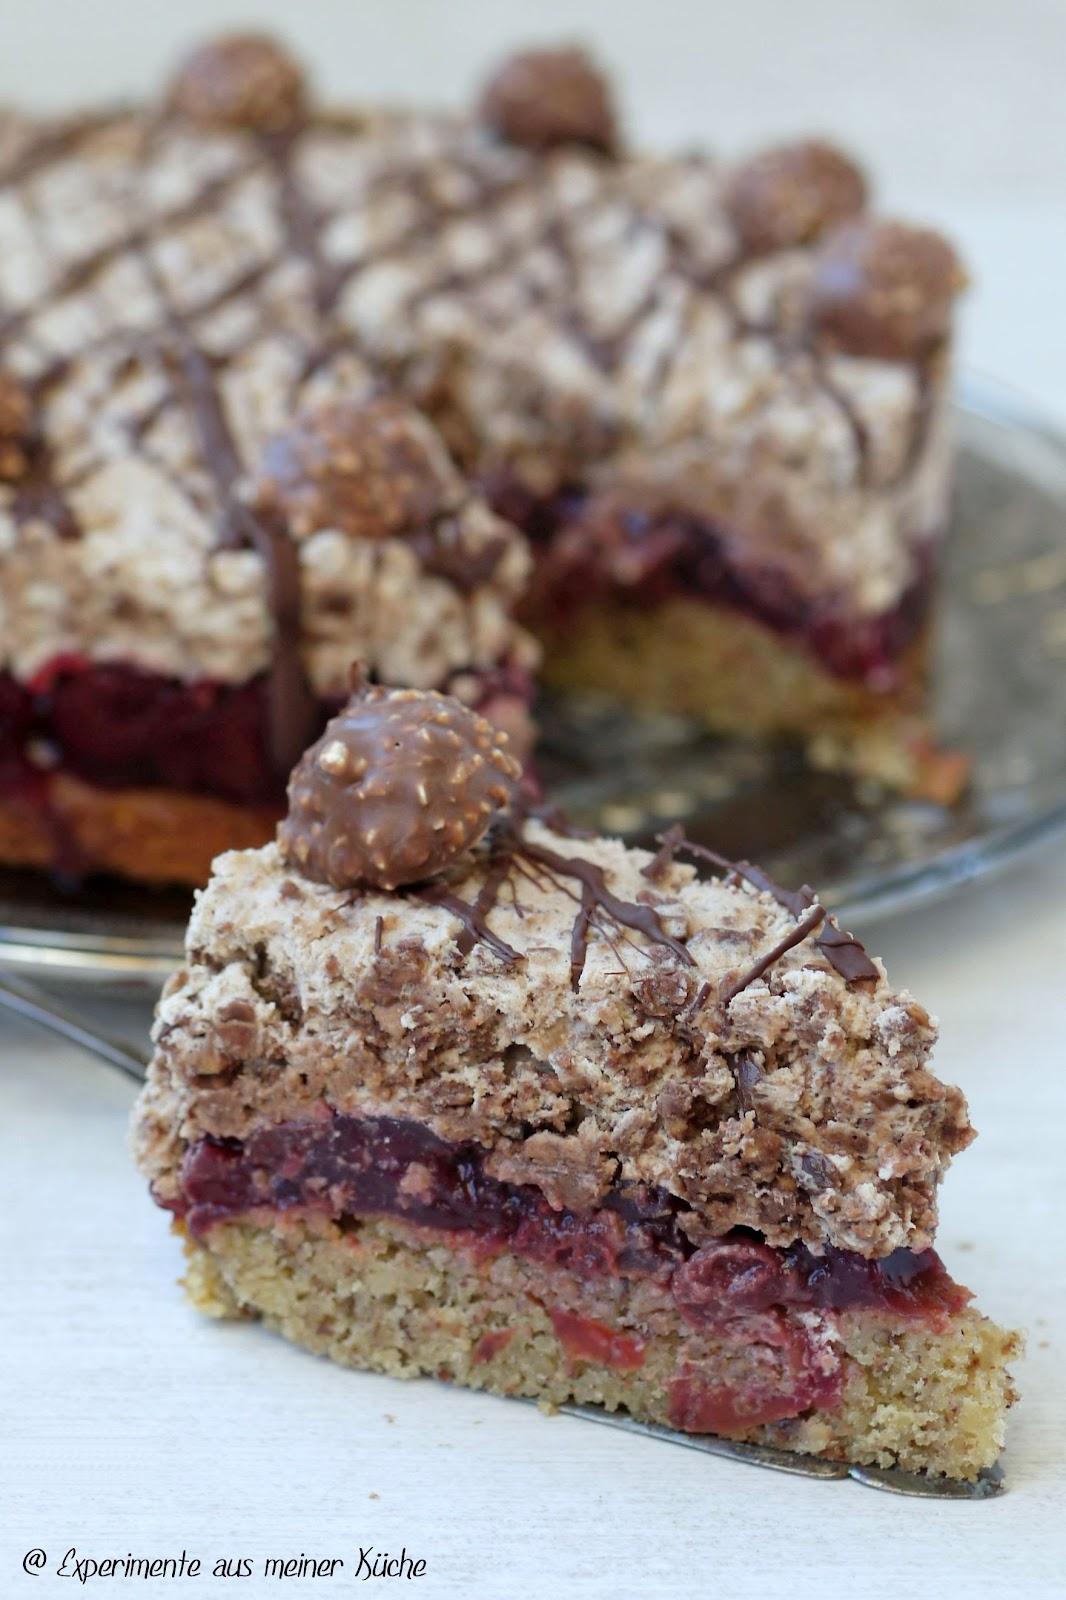 Experimente Aus Meiner Kuche Rocher Kirsch Torte